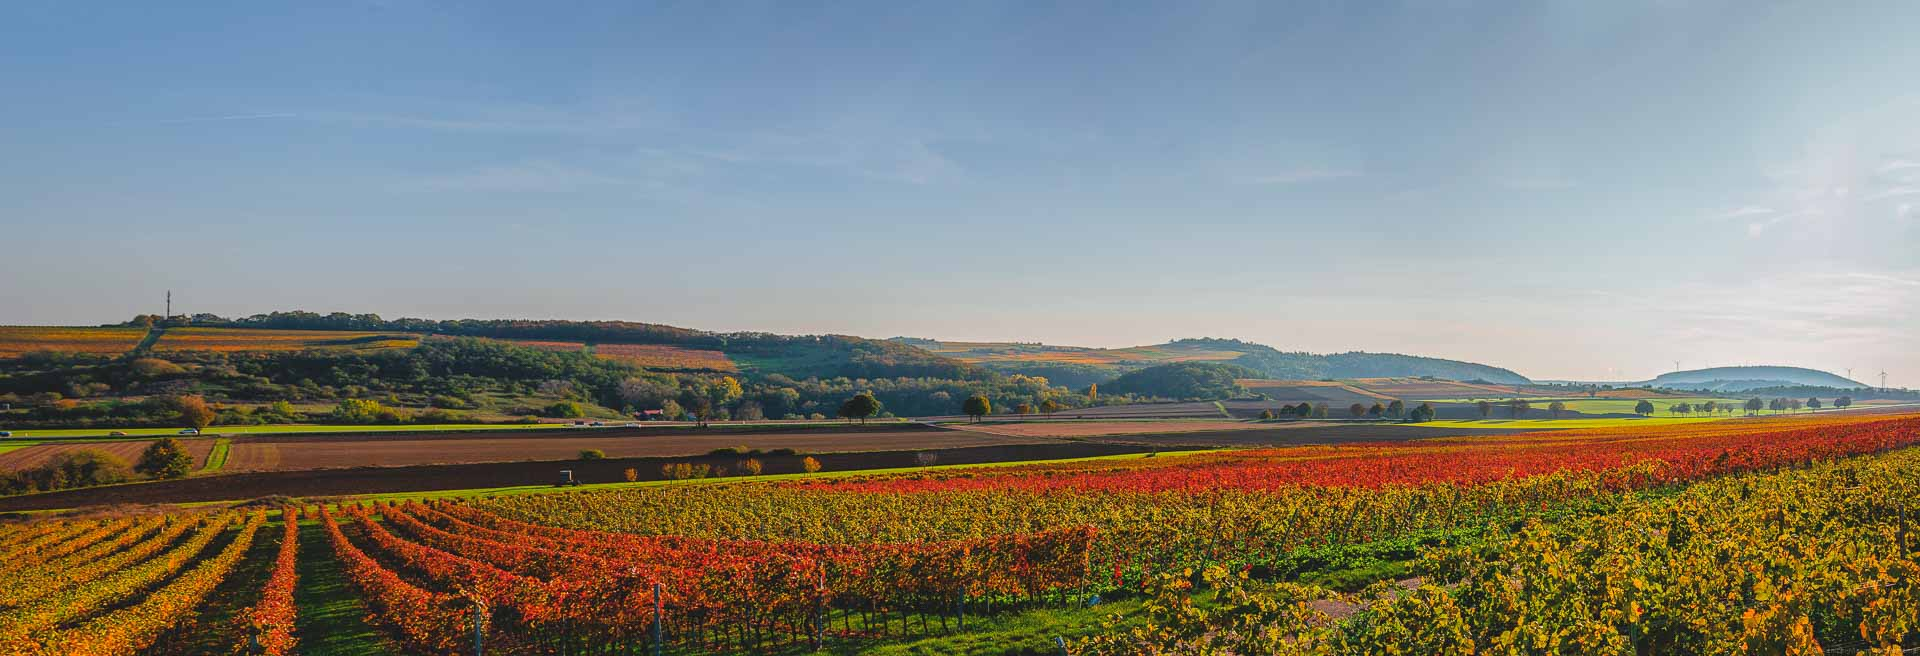 Der Herbst färbt die Weinberge Rheinhessens in allen möglichen Farben ein